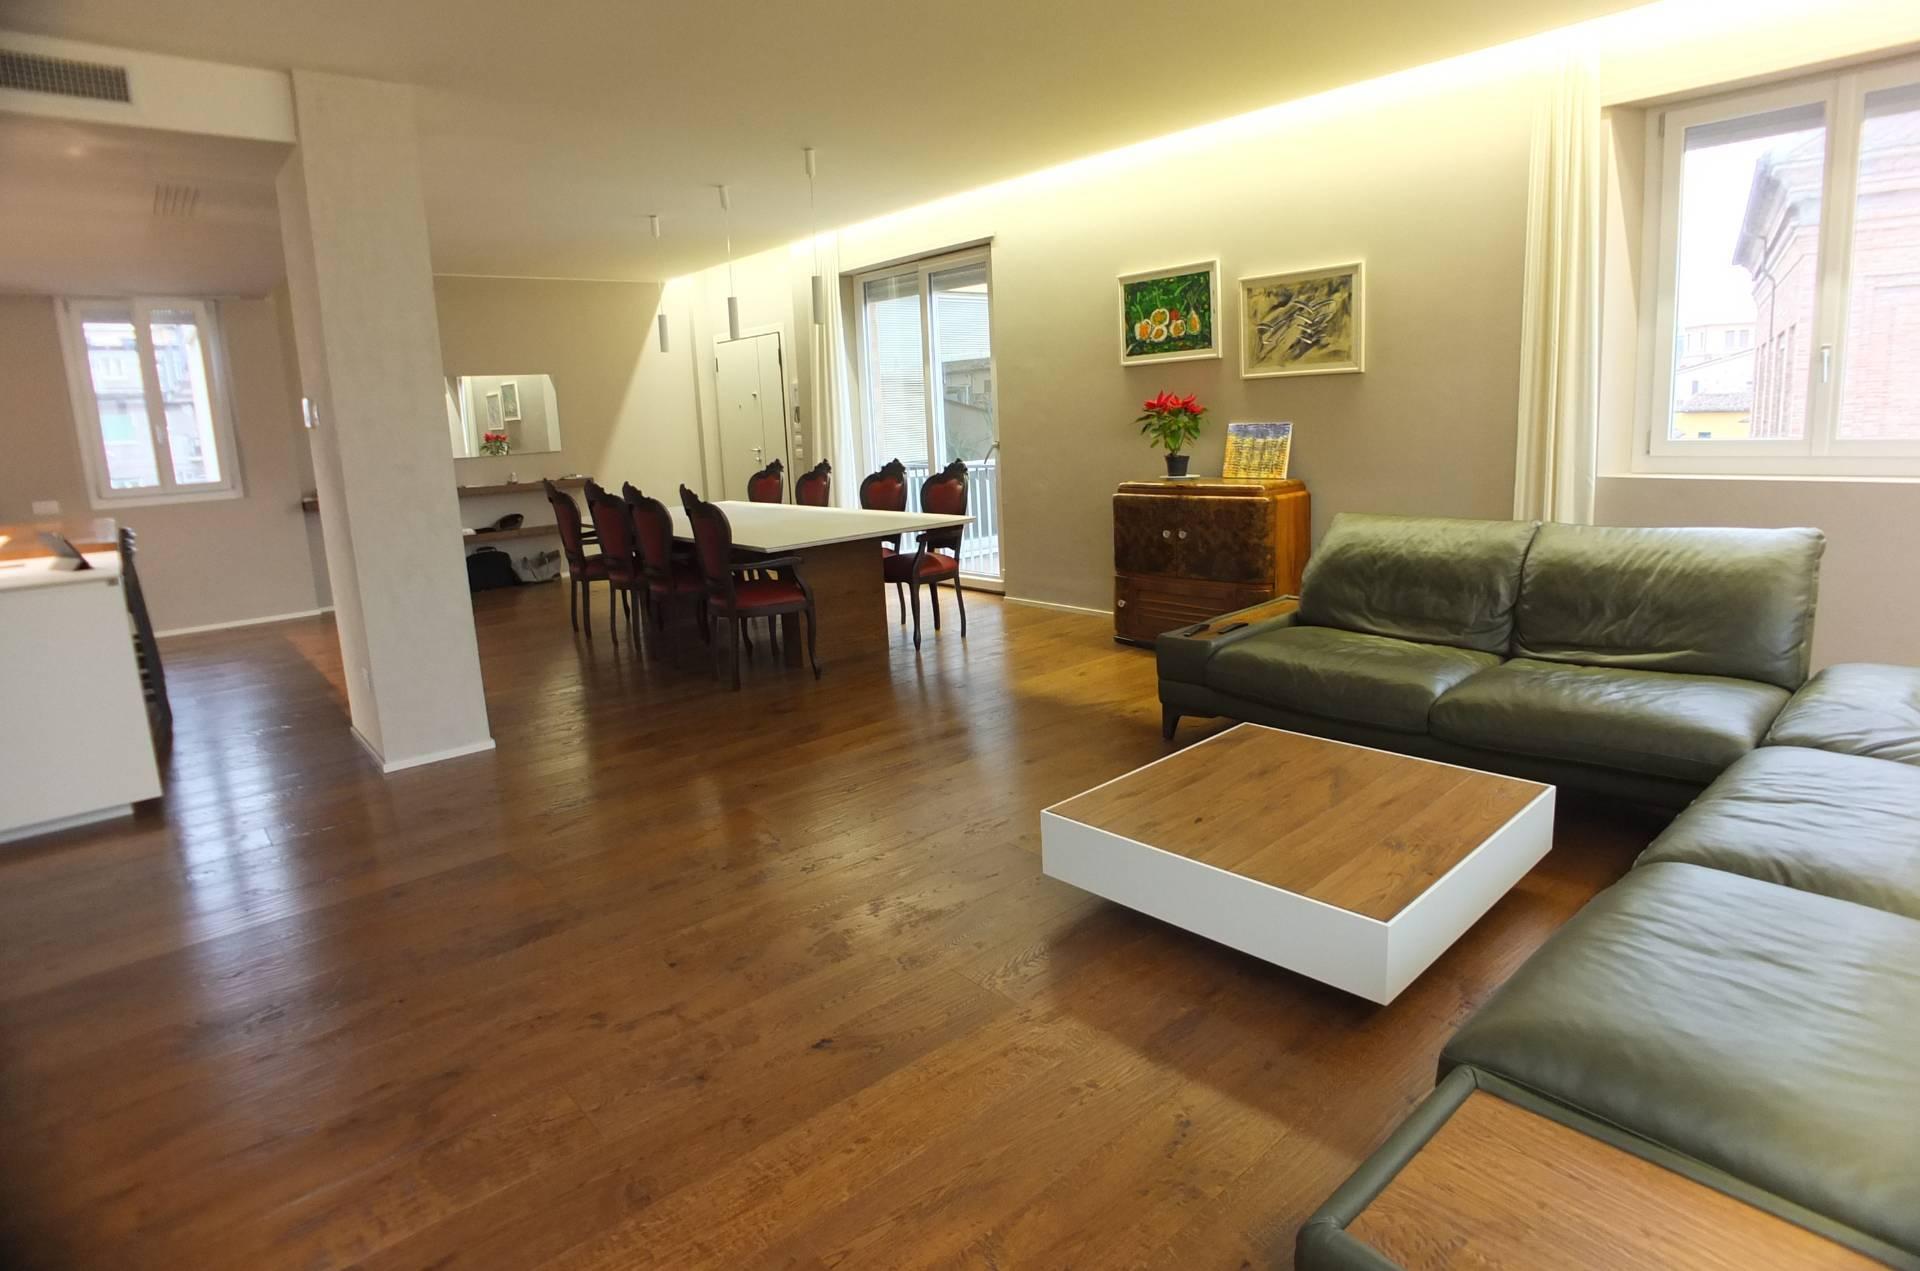 Appartamento in vendita a Pesaro, 5 locali, zona Località: CentroStorico, prezzo € 630.000 | PortaleAgenzieImmobiliari.it